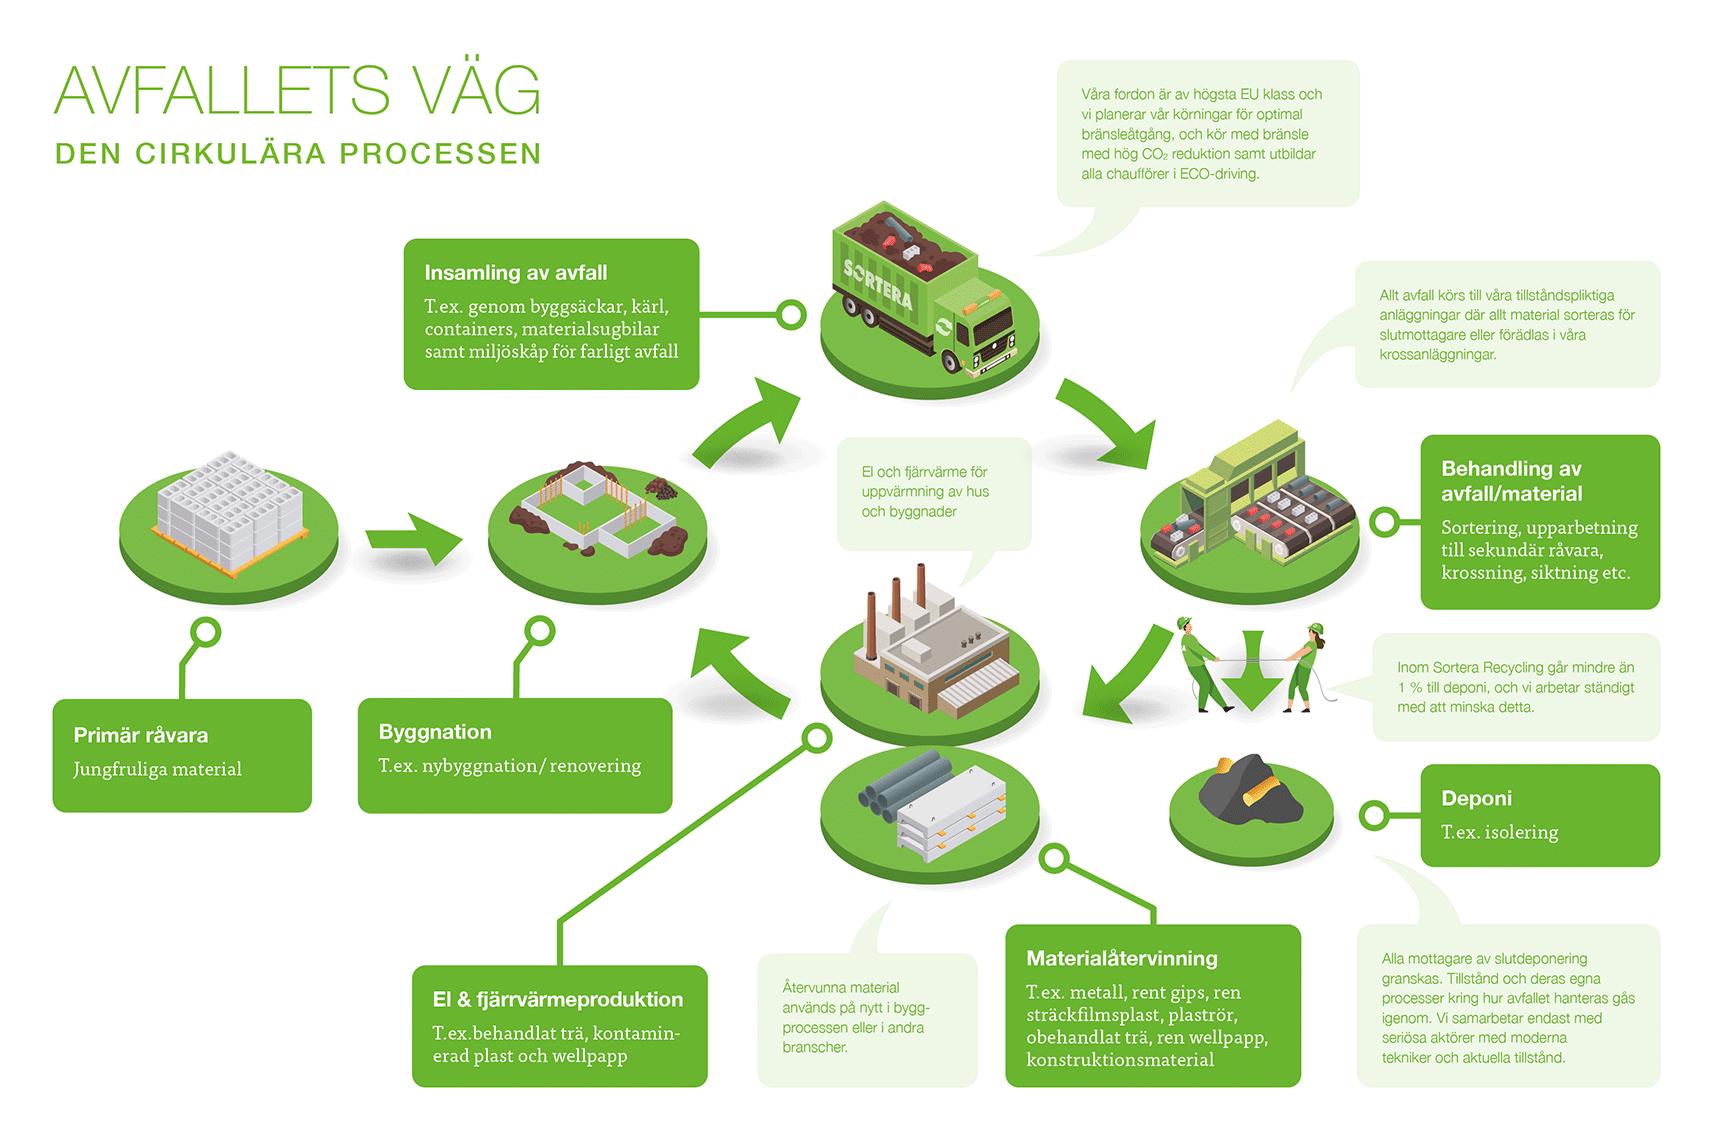 schematisk bild på avfallets väg